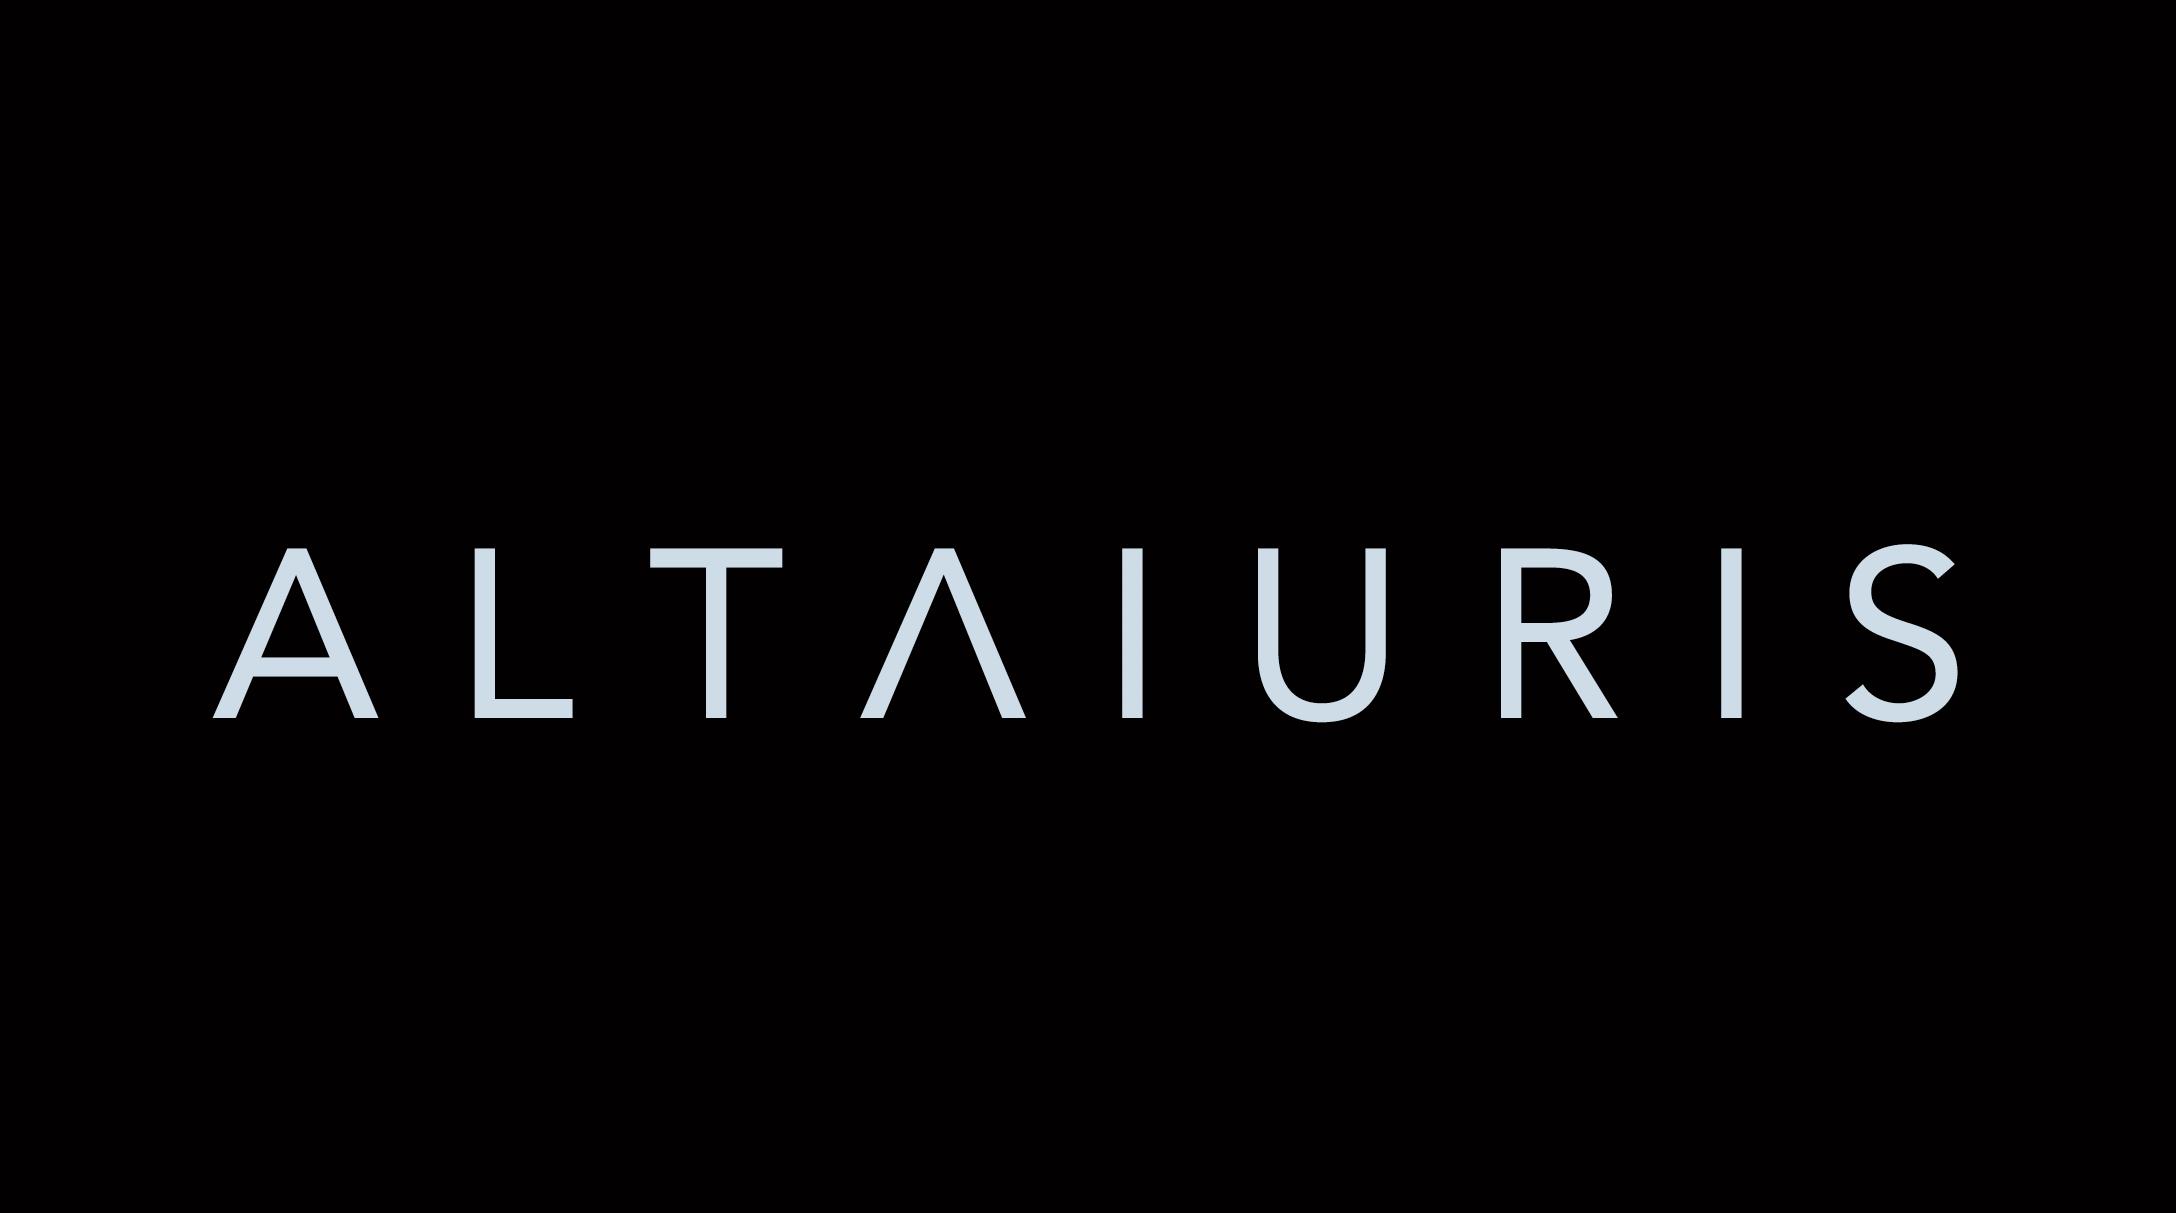 ALTAIURIS - Consultores y Abogados